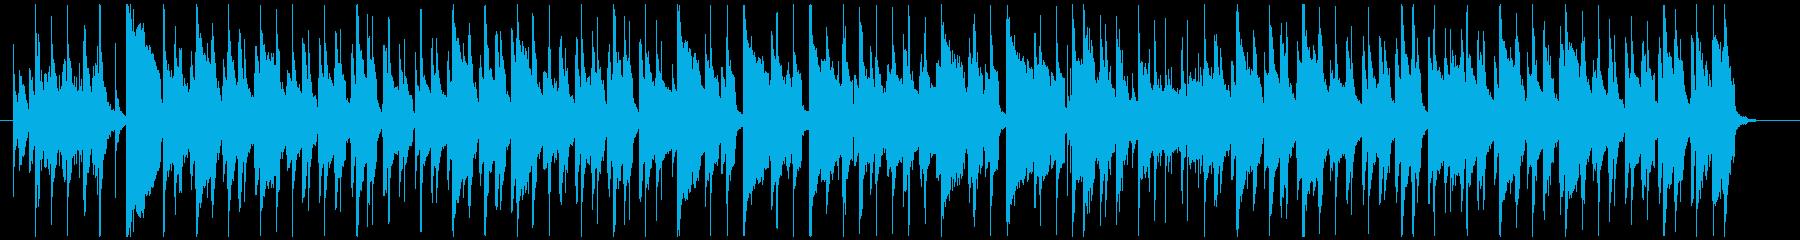 のんびりウキウキ、ラグタイムピアノの再生済みの波形